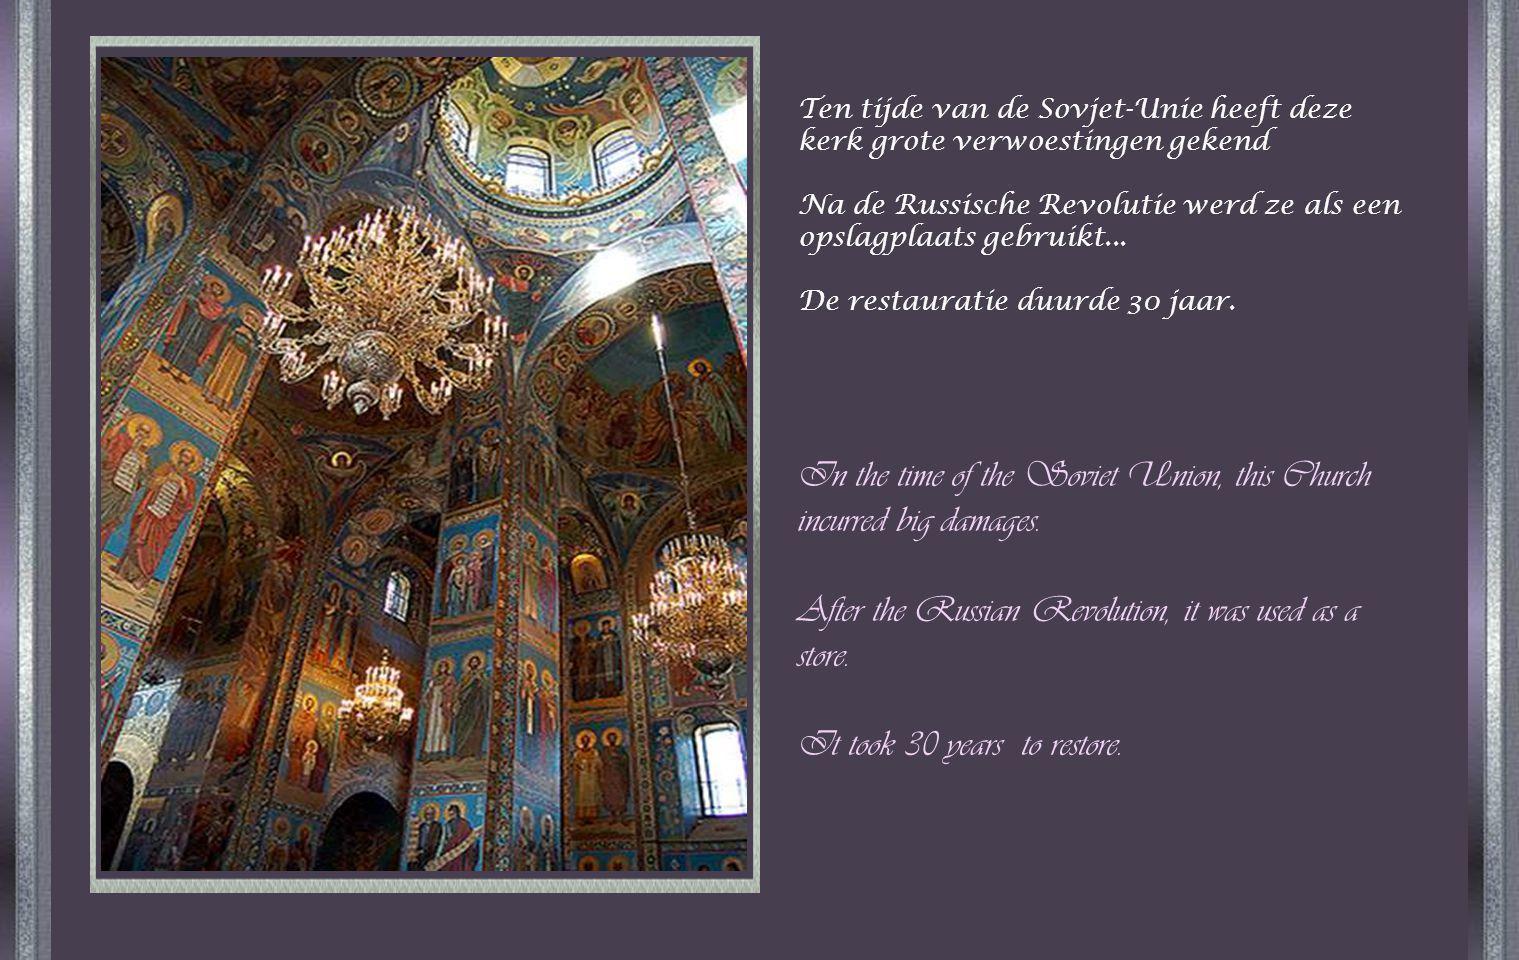 De kerk is een wonder...zowel binnen als buiten...Binnen is de kerk volledig versierd met mozaïeken met religieuze thema's.